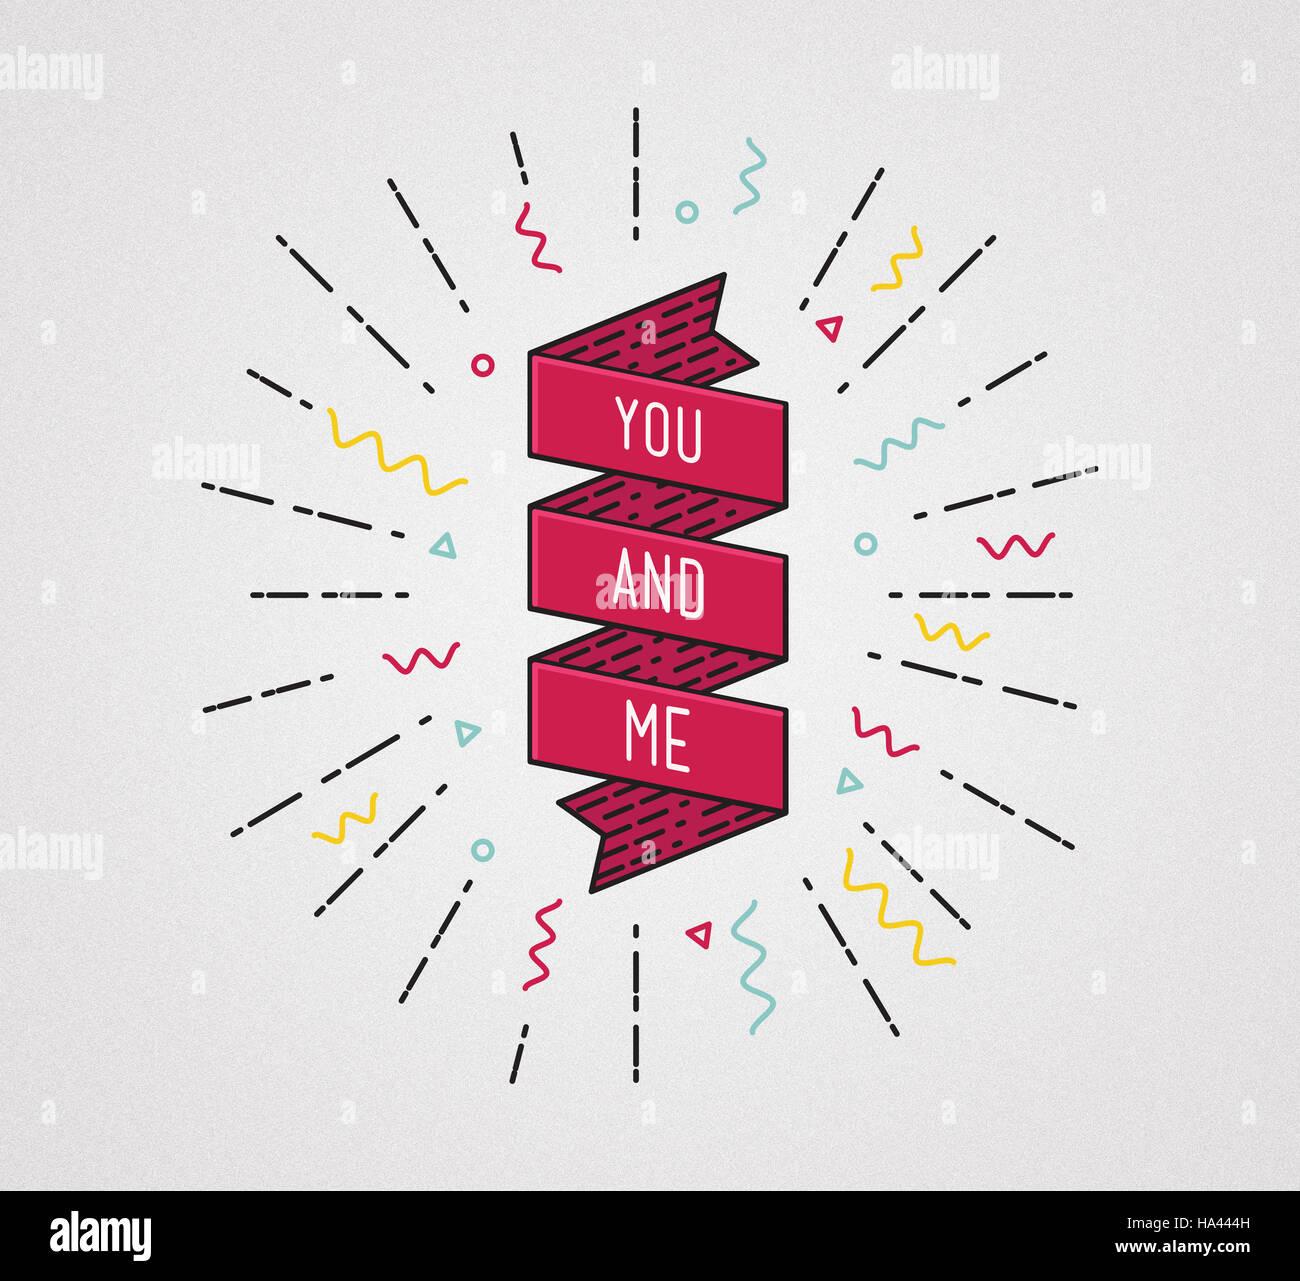 Du und ich. Farbe inspirierenden Zitaten typografische poster Stockbild